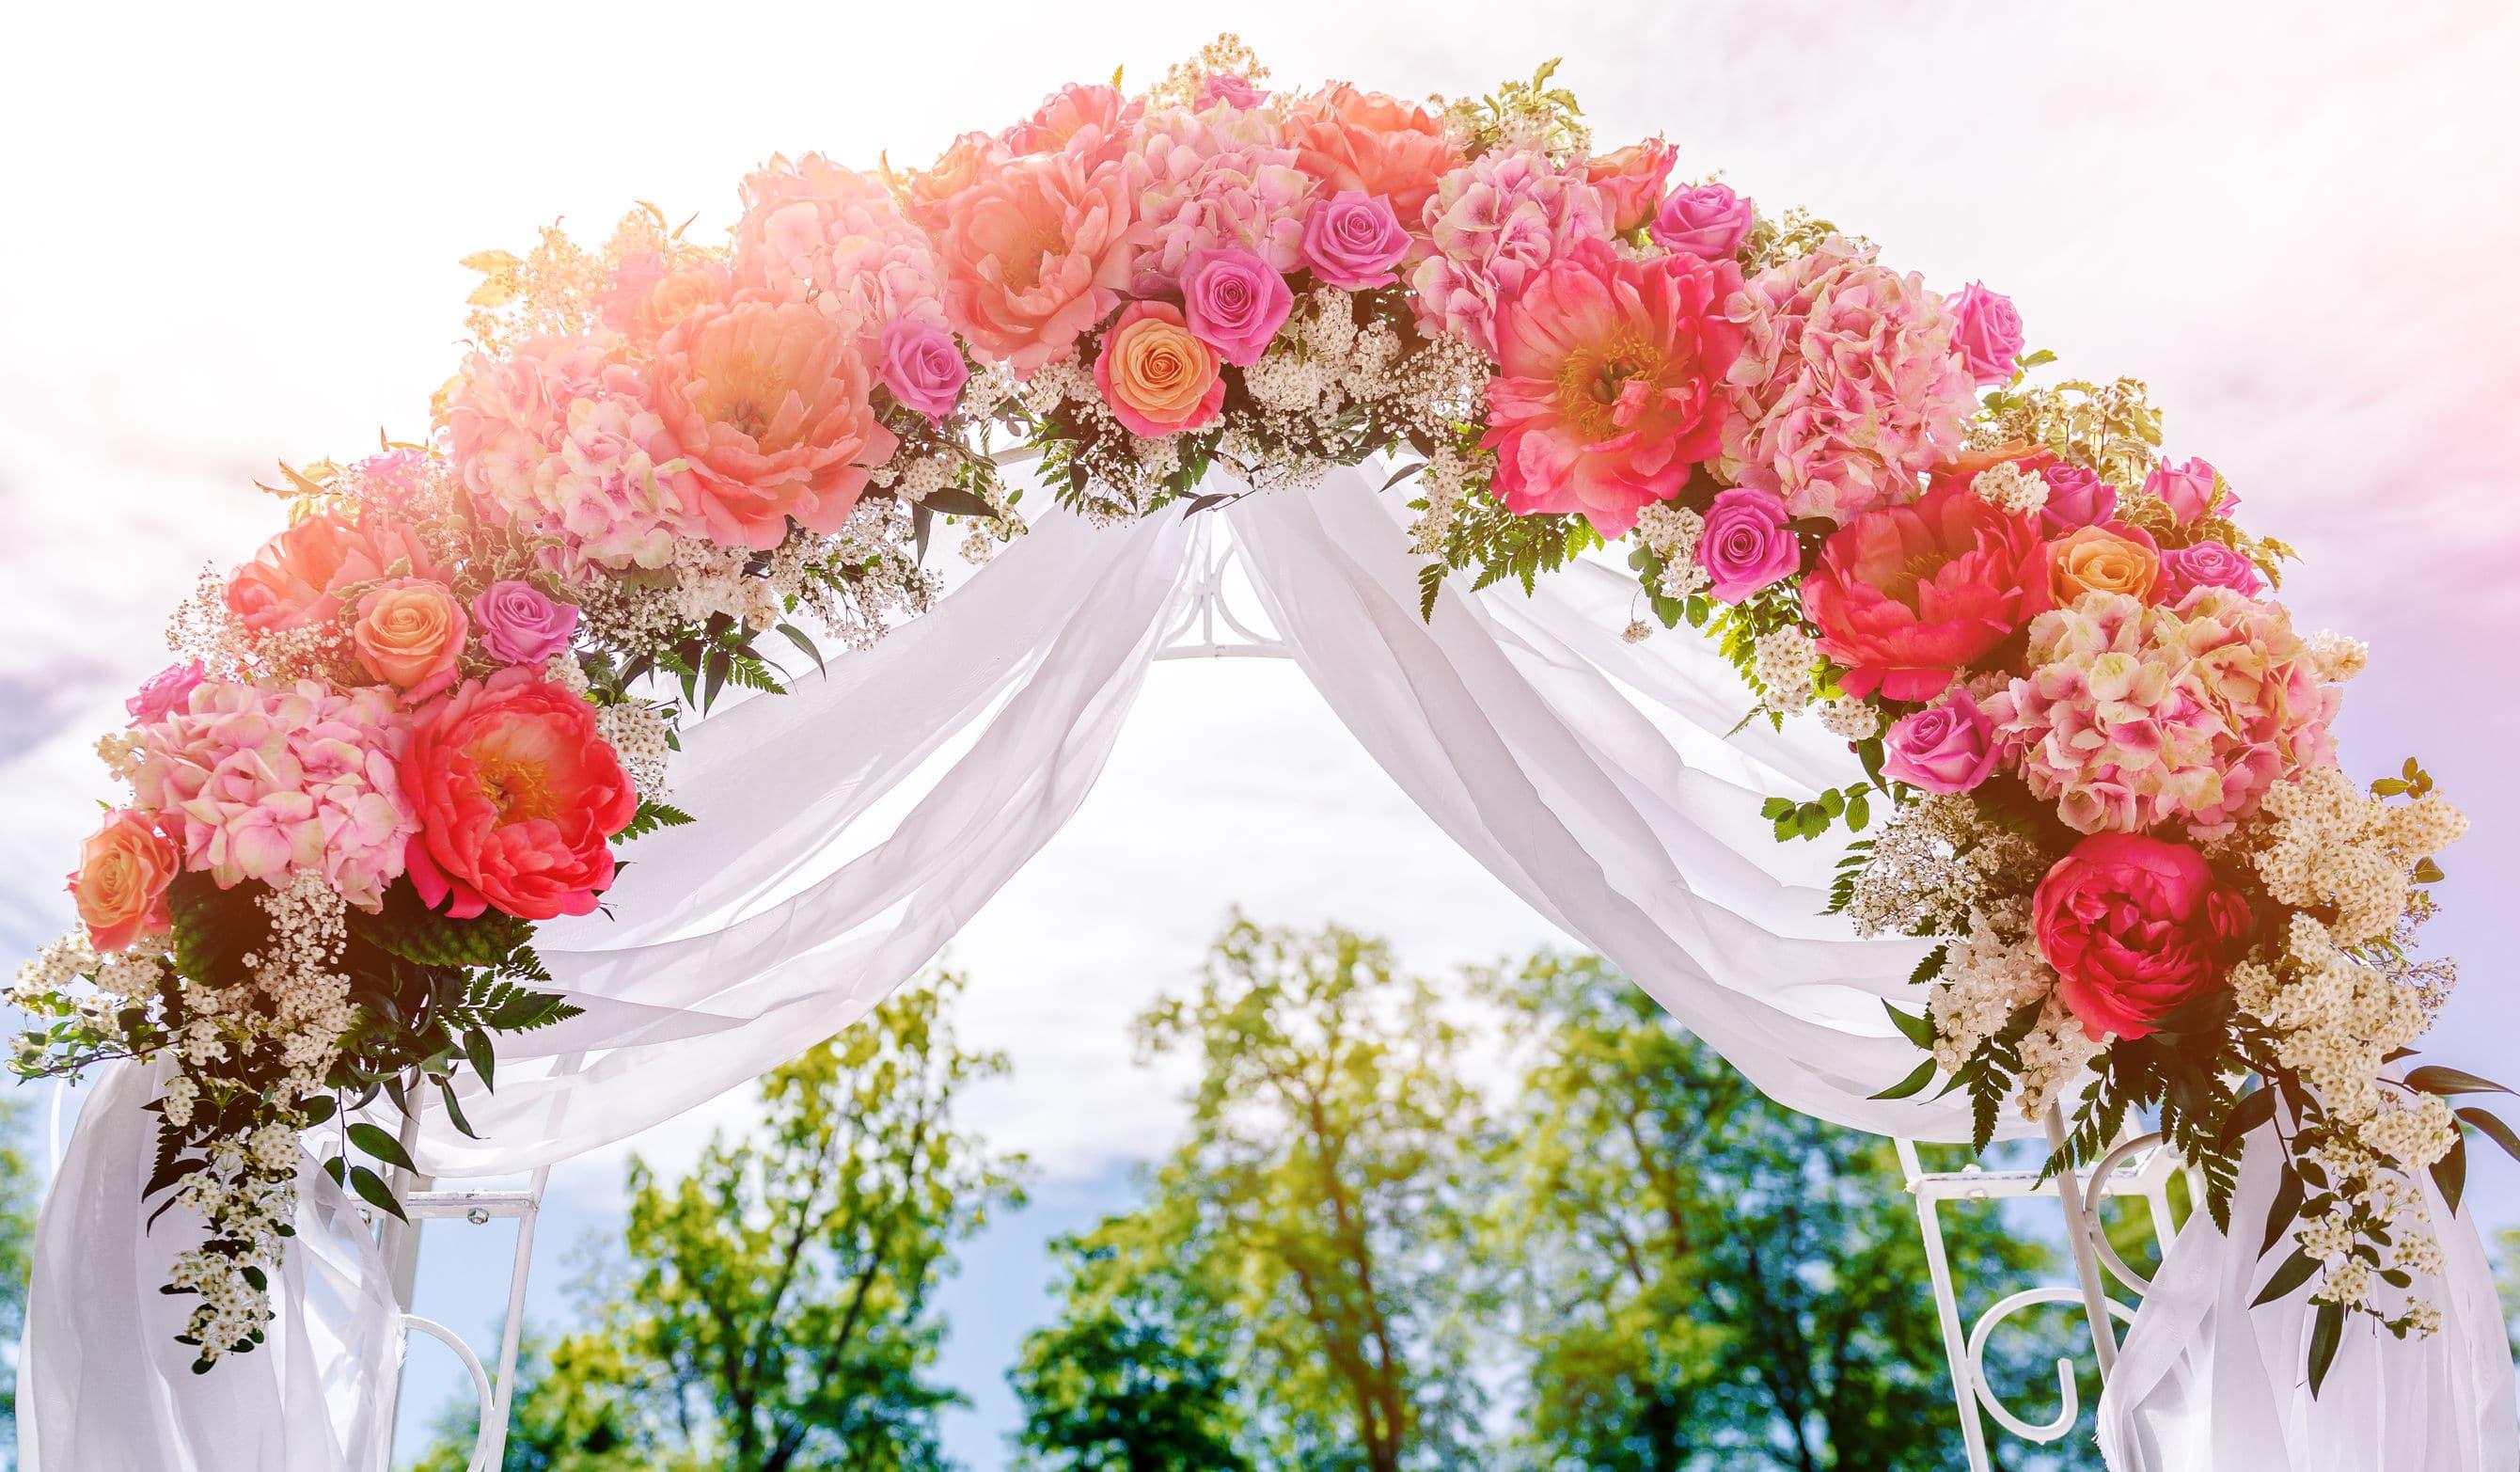 Arche de mariage : toute de rose et de blanc